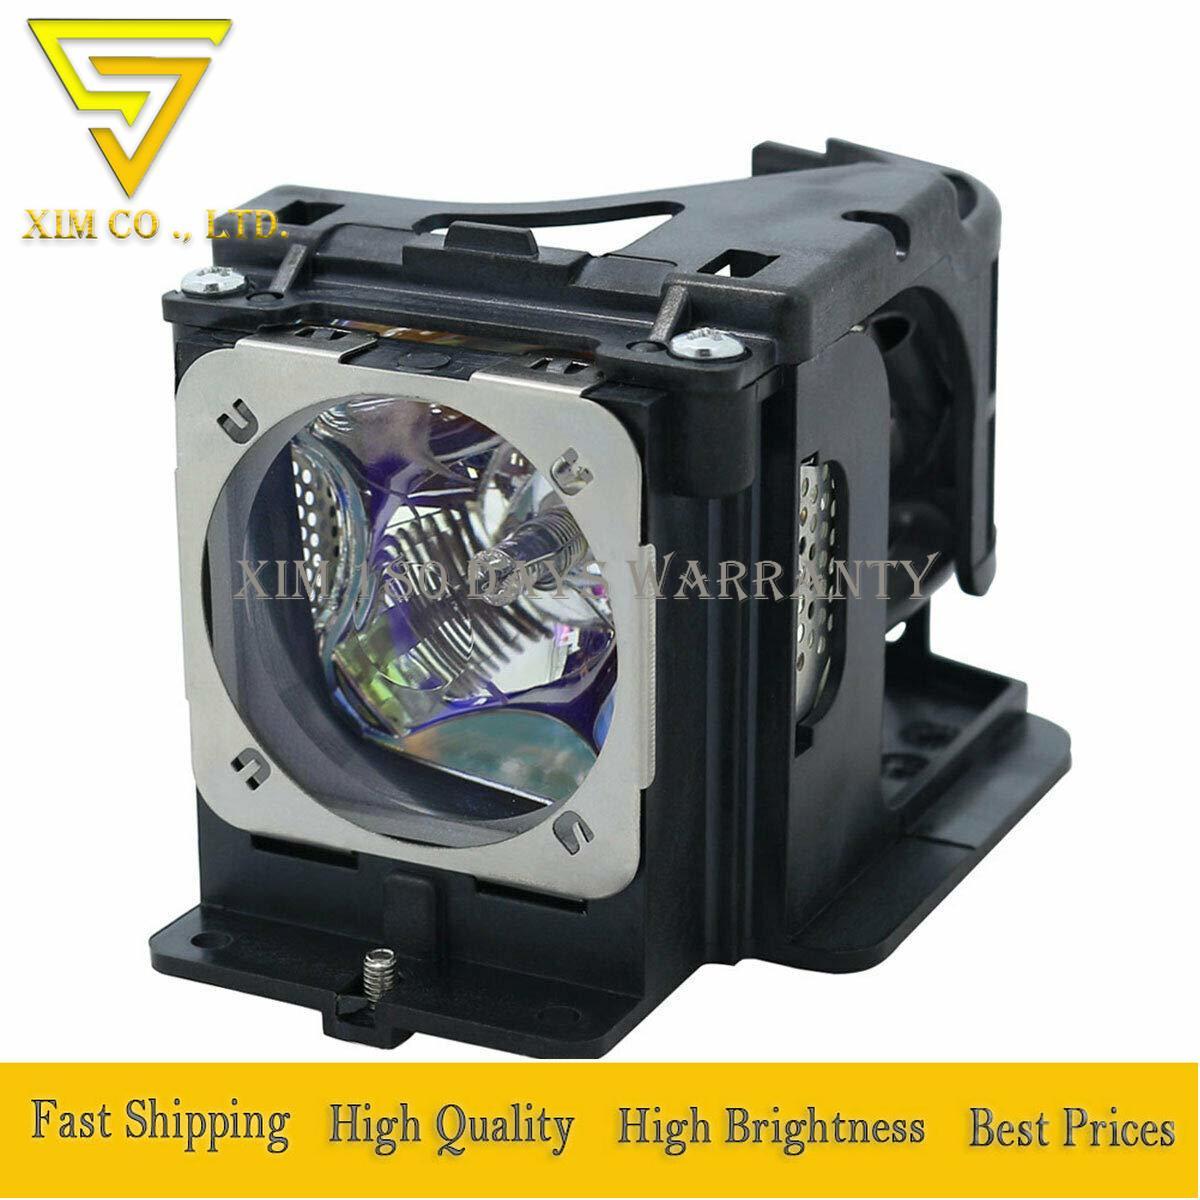 POA-LMP126/Lâmpada Do Projetor de substituição para SANYO PRM10 POA-LMP90 PRM20 PRM20A PLC-SU70 PLC-XE40 PLC-XL40 PLC-XL40L PLC-XL40S